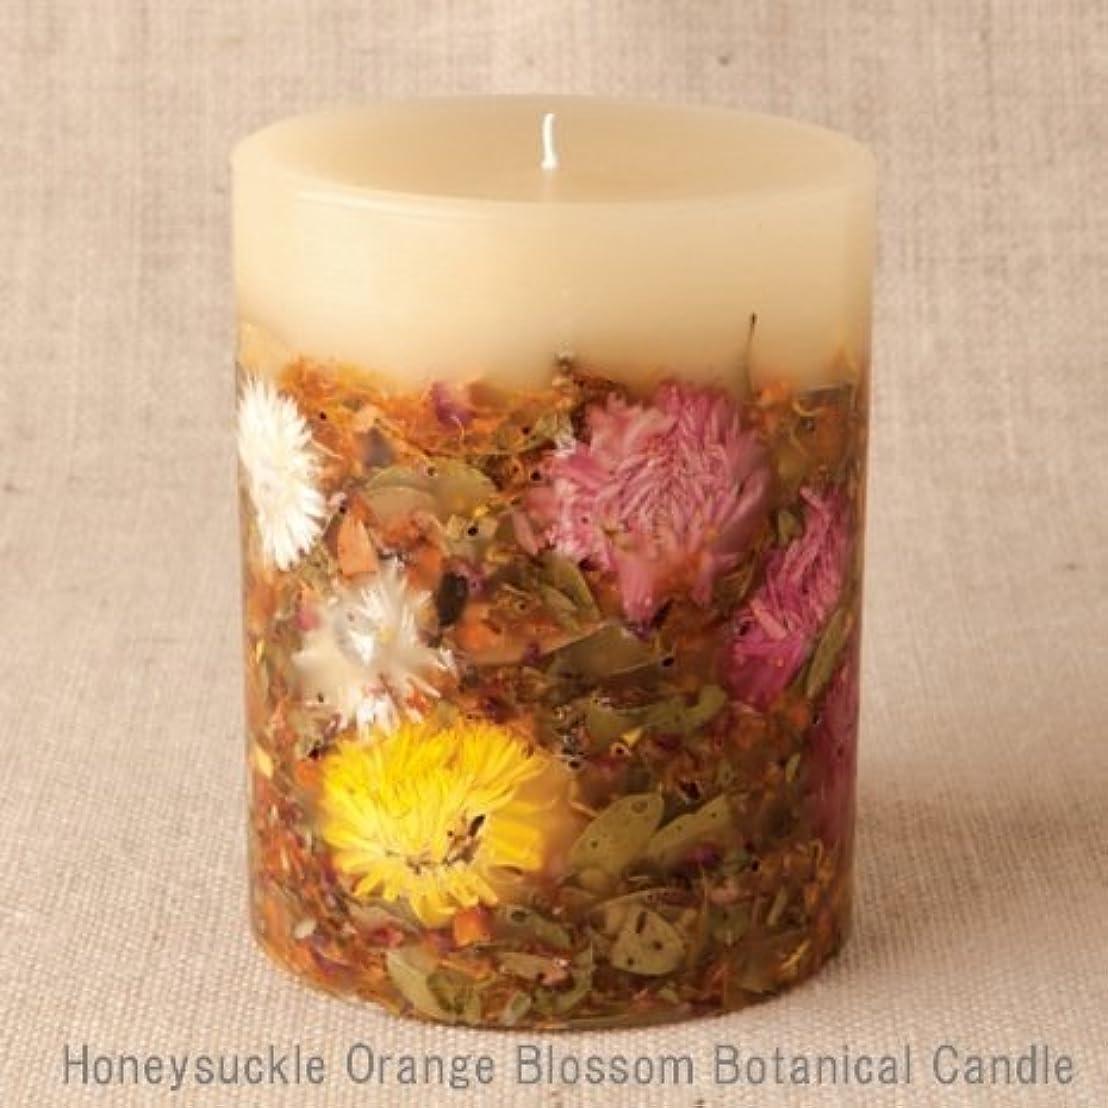 遠洋のマニア保険【Rosy Rings ロージーリングス】 Botanical candle キャンドル ハニーサックルオレンジ&ブロッサム